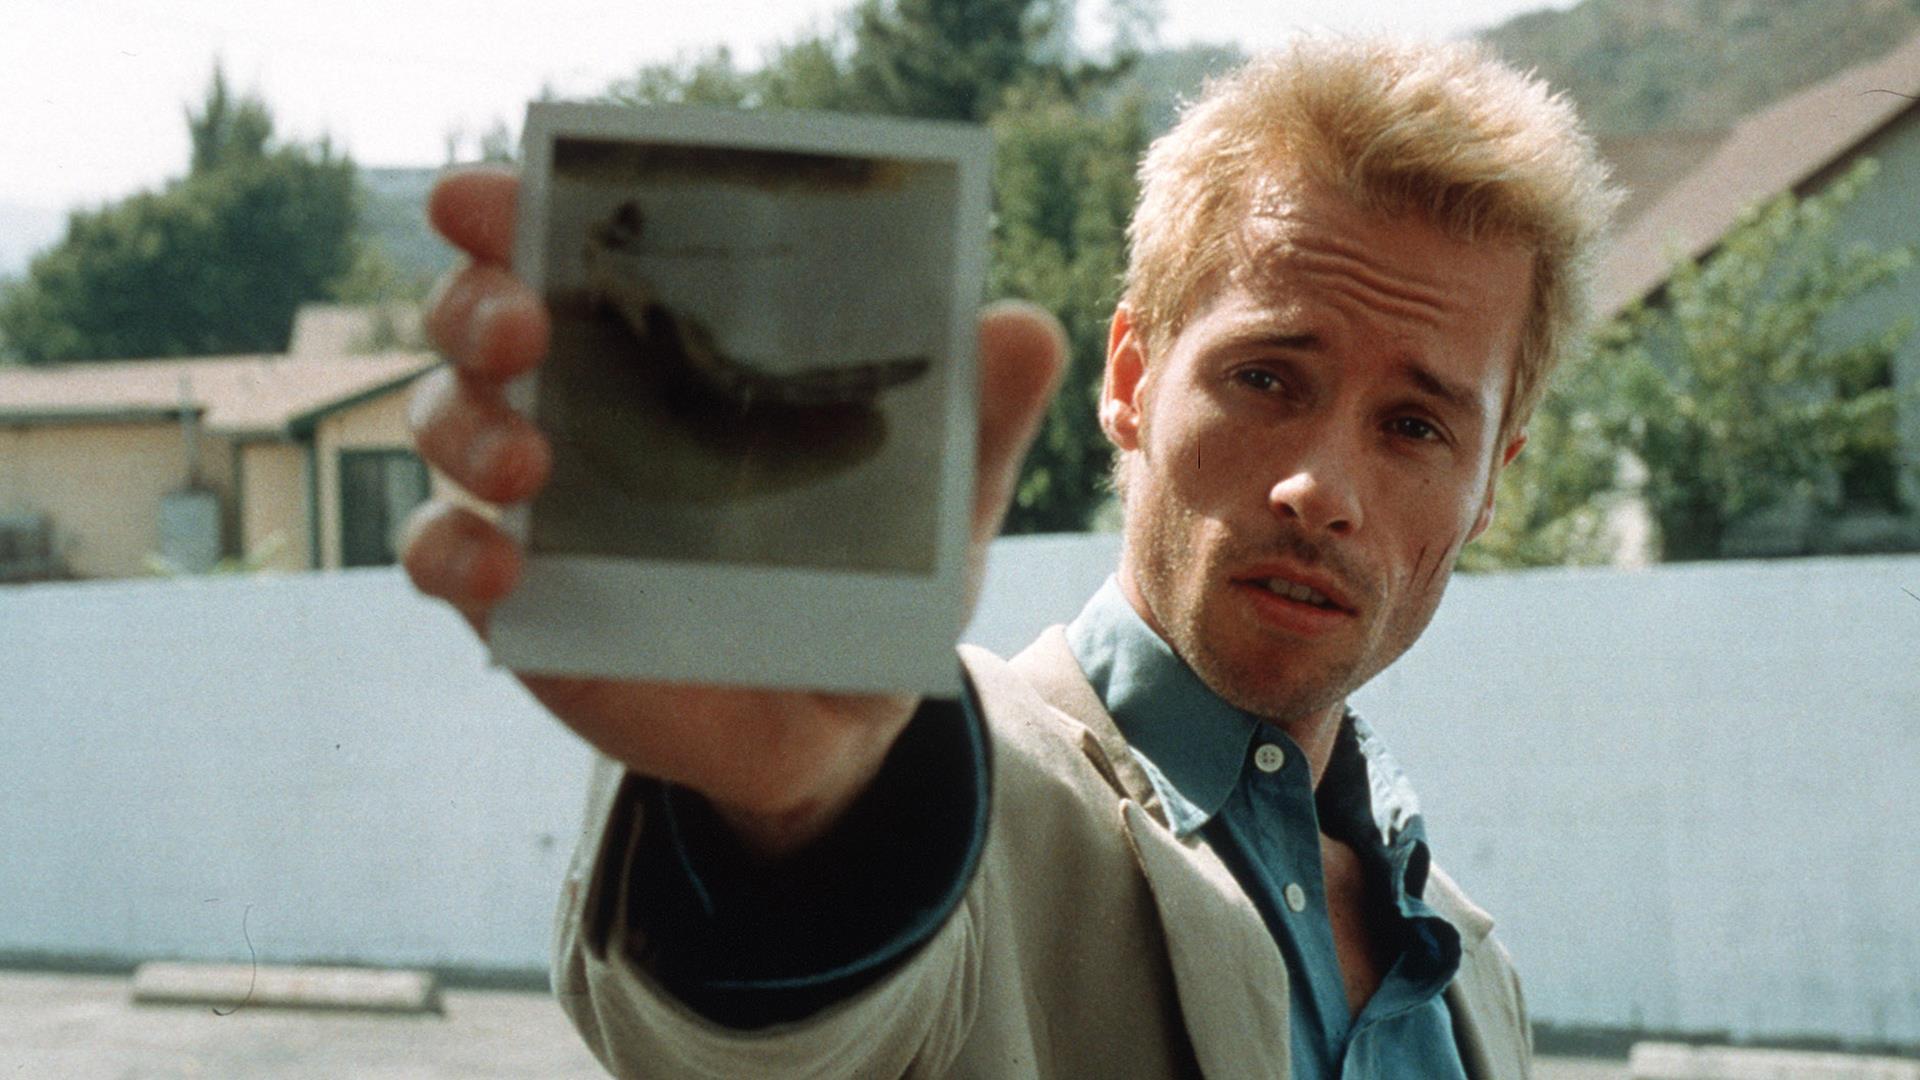 Leonard in una scena del film Memento, di cui è protagonista